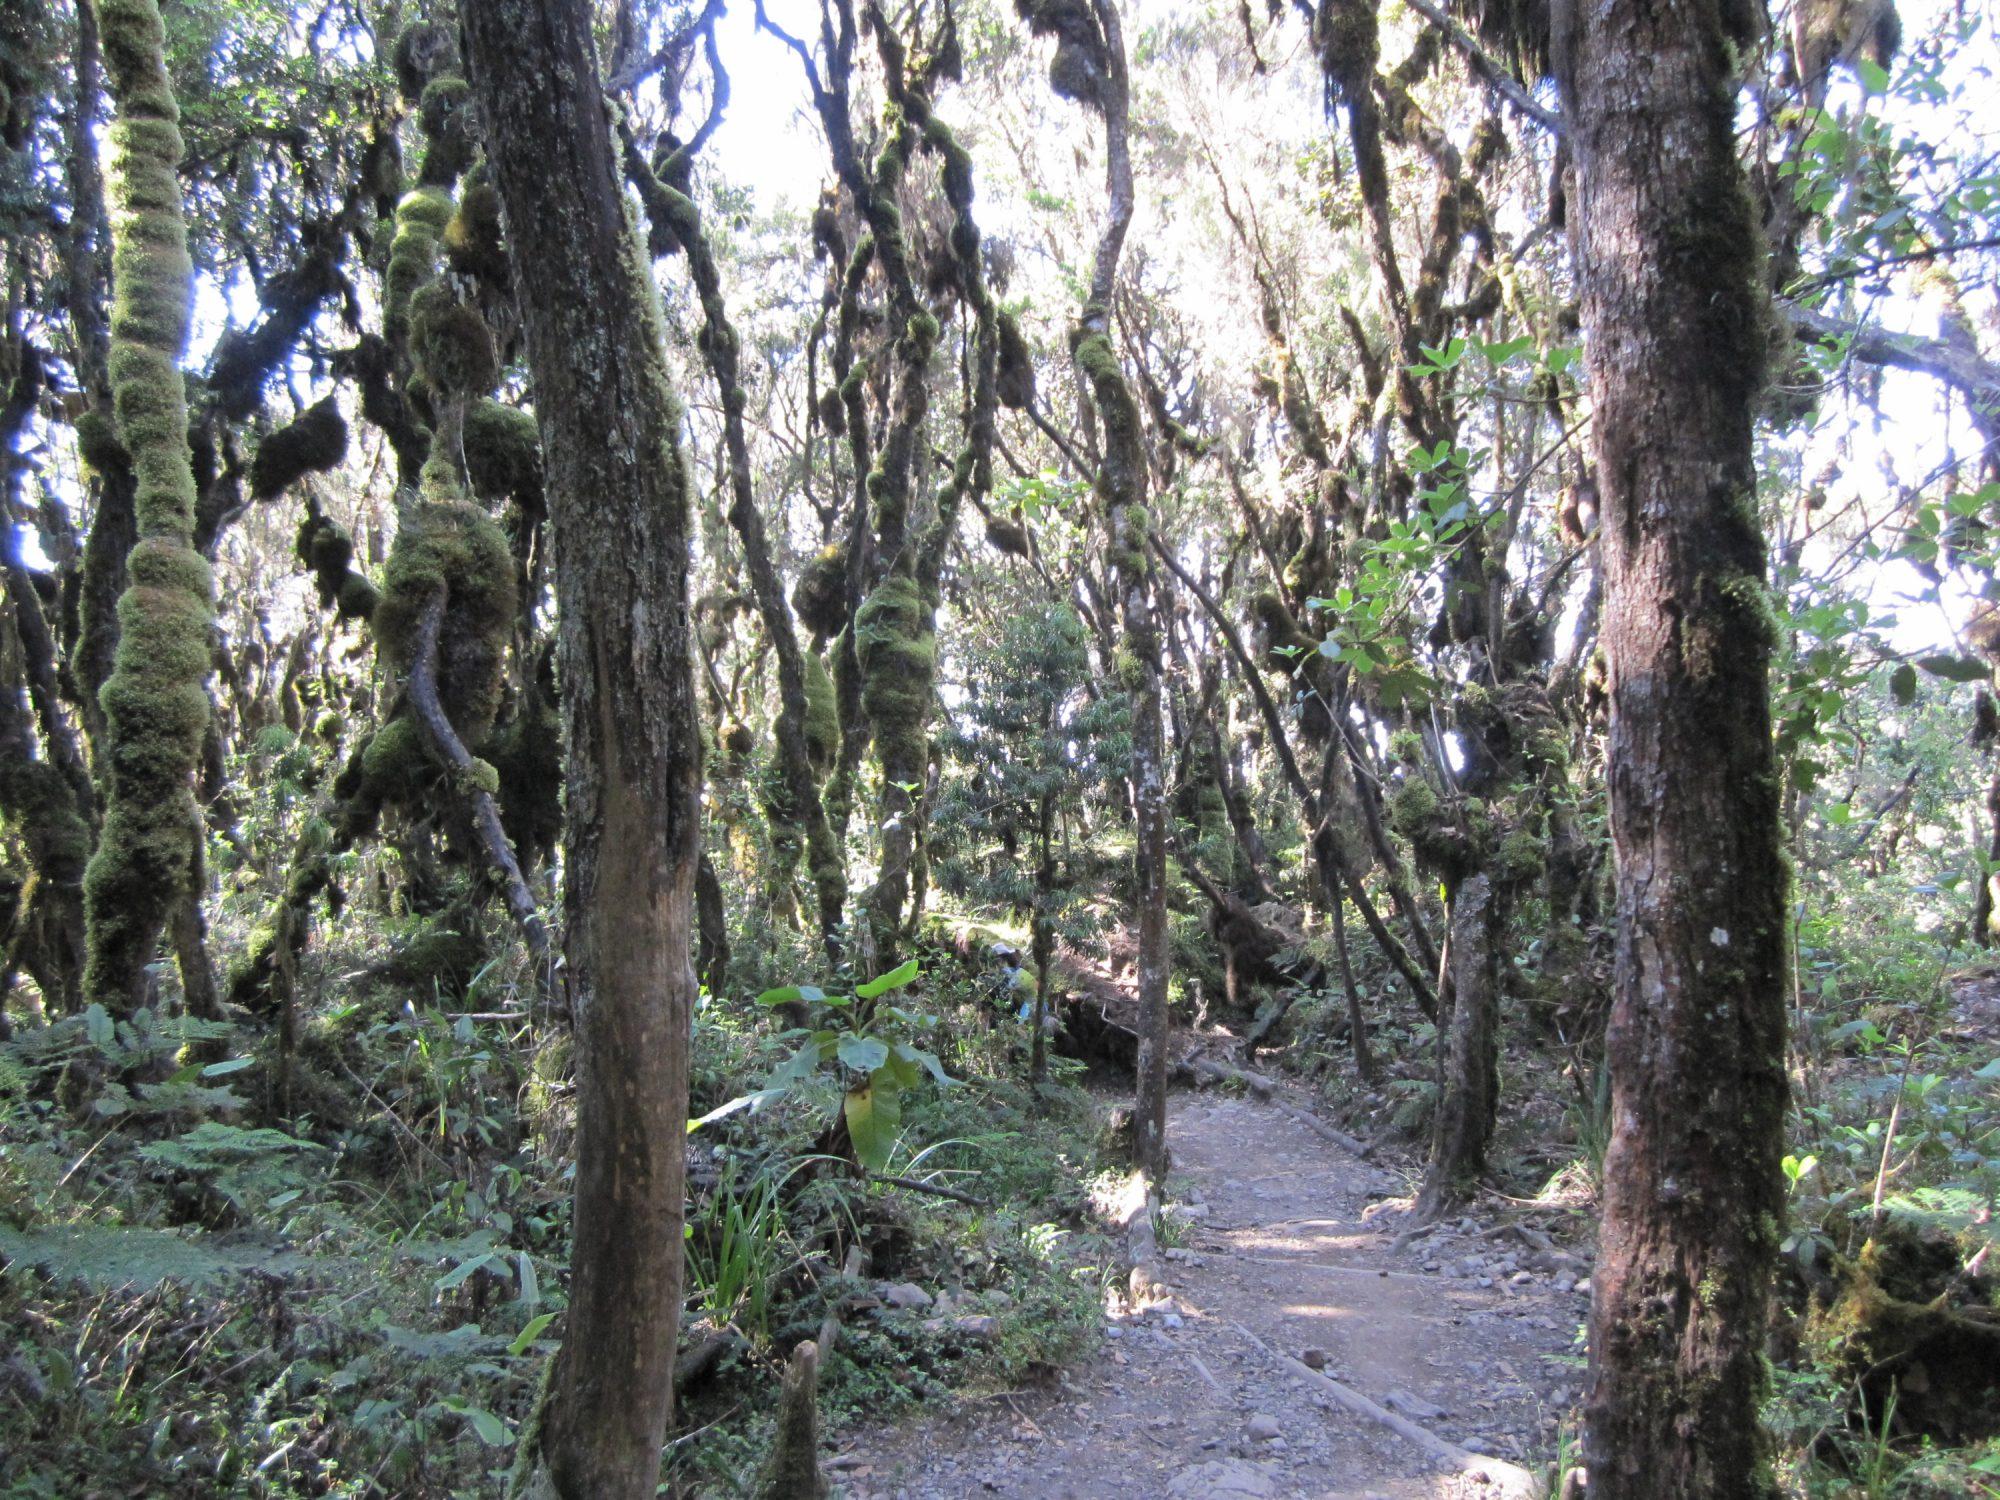 Regenwald, Abstieg Mweka Gate, Kilimandscharo, Kilimandscharo besteigen, Tansania, Afrika, Kilimandscharo Tour, Erfahrungsbericht, Machame Route